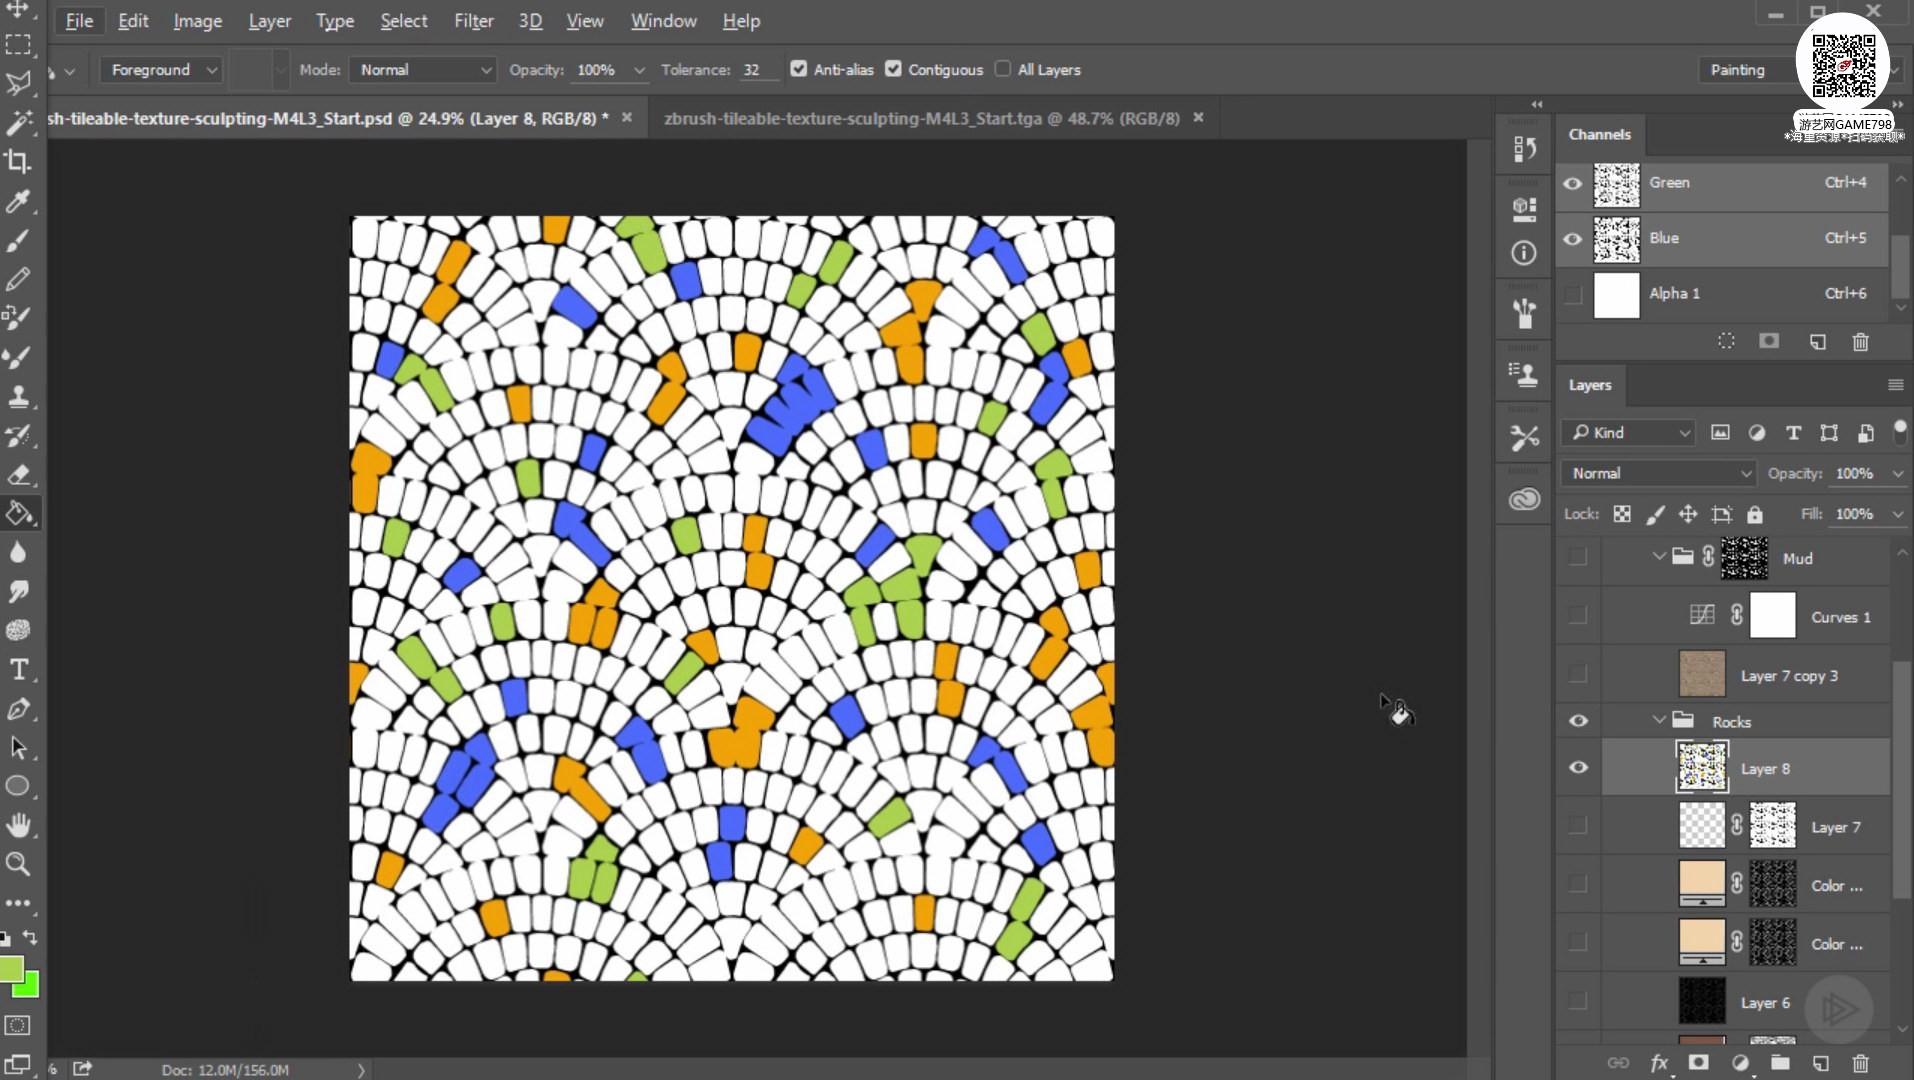 021_关注-游艺网GAME798海量资源下载ZBrush无缝贴图创建教程.jpg